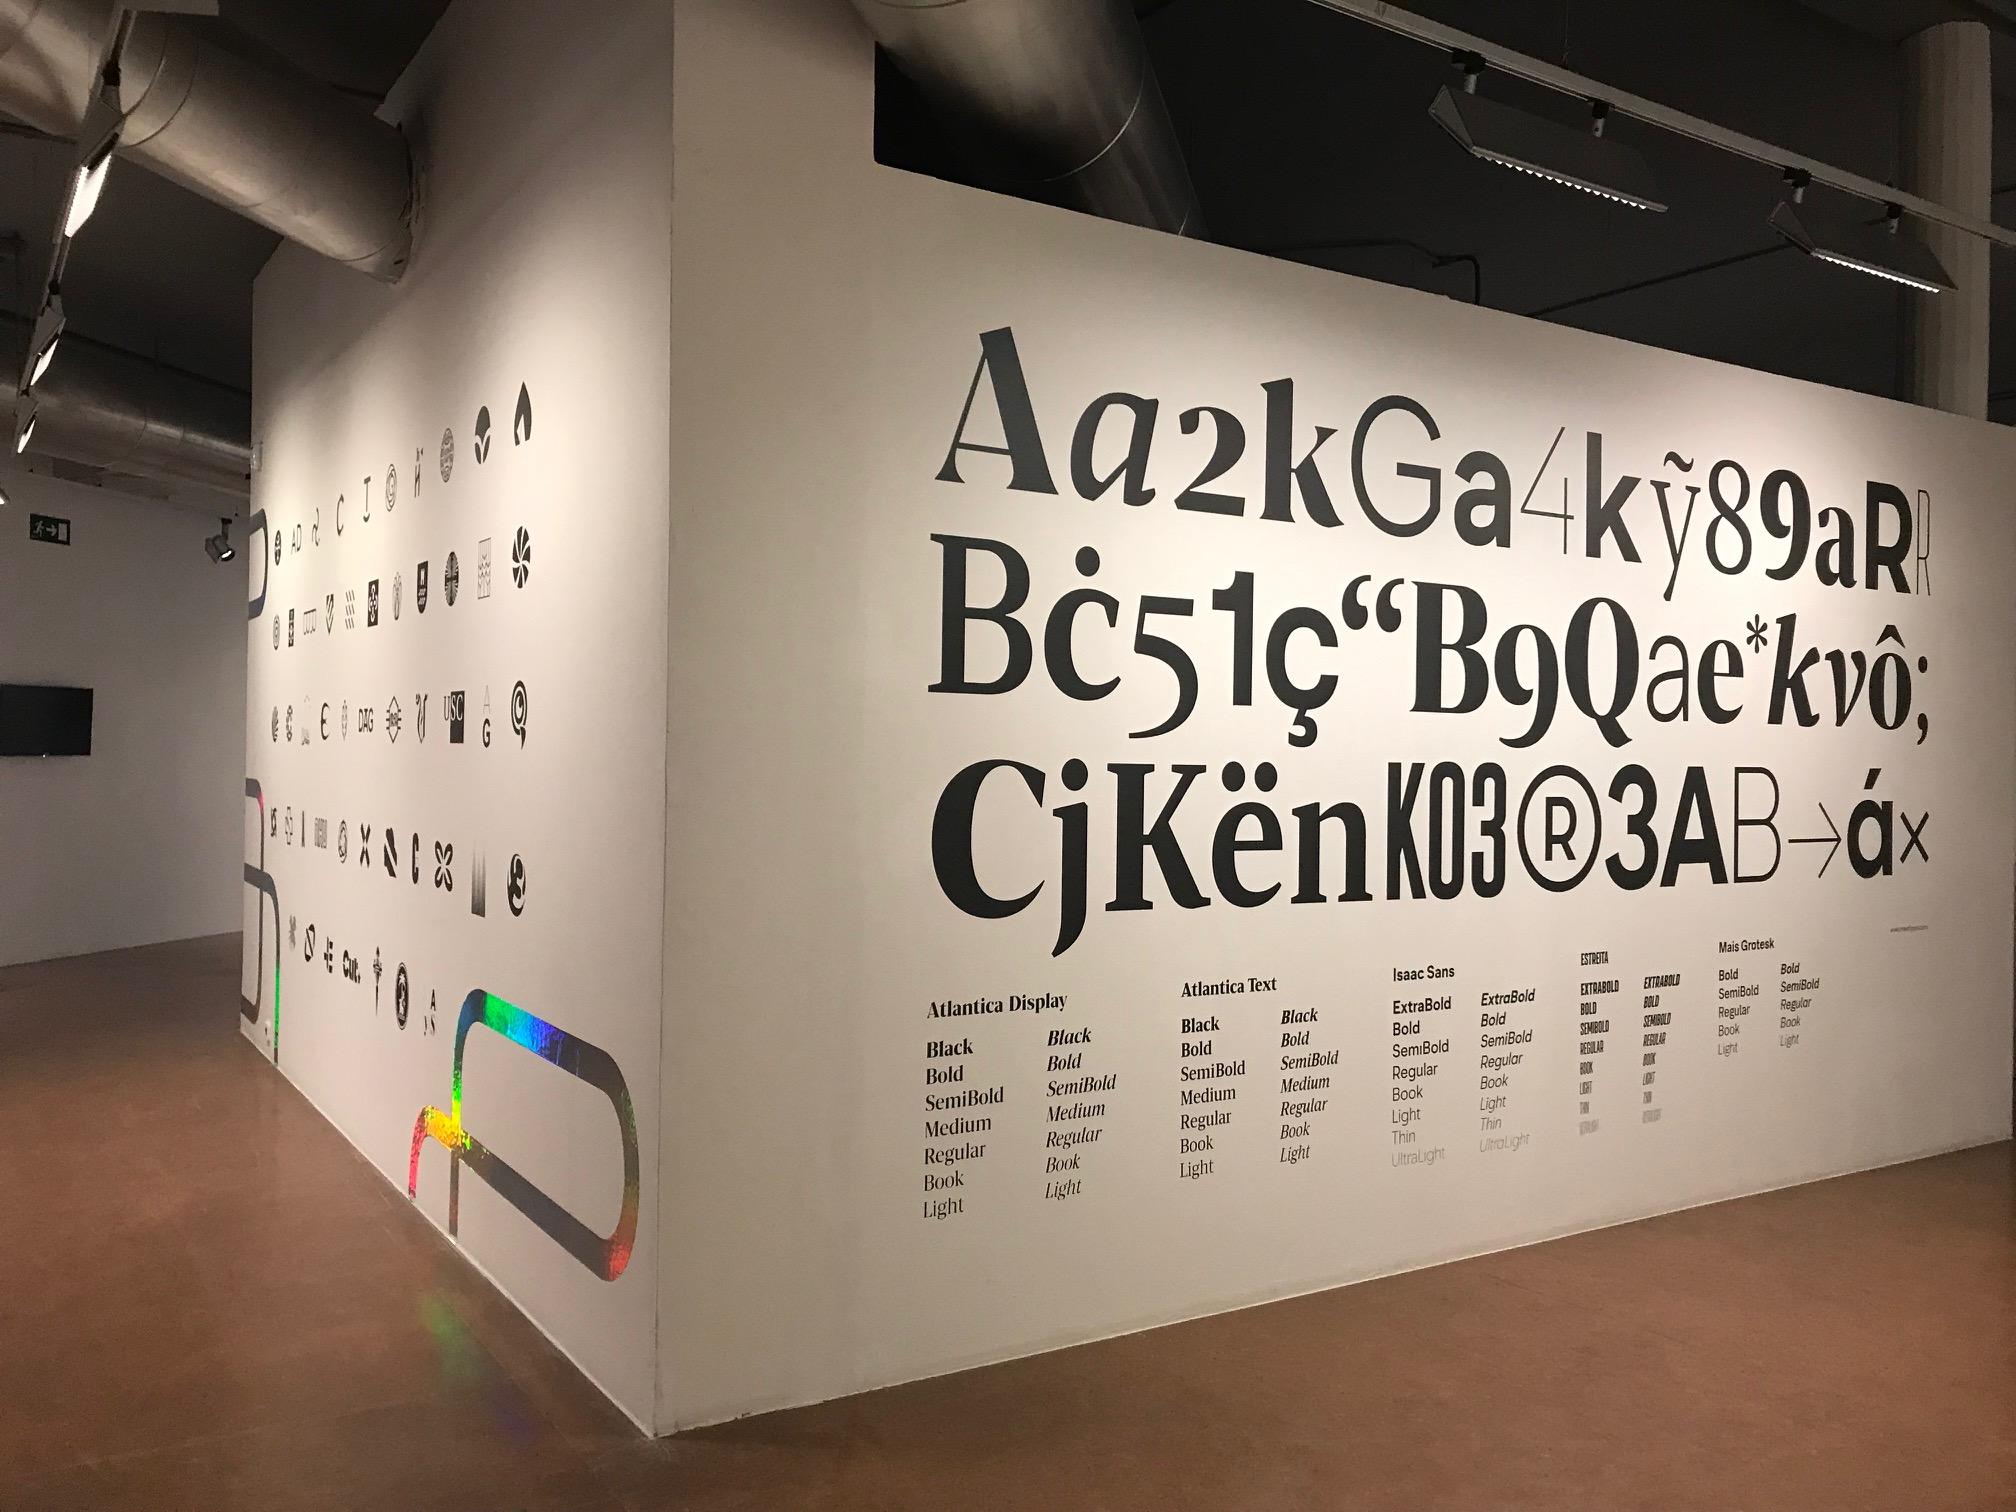 Outro espazo da exposición que se poderá ver no Auditorio de Galicia.